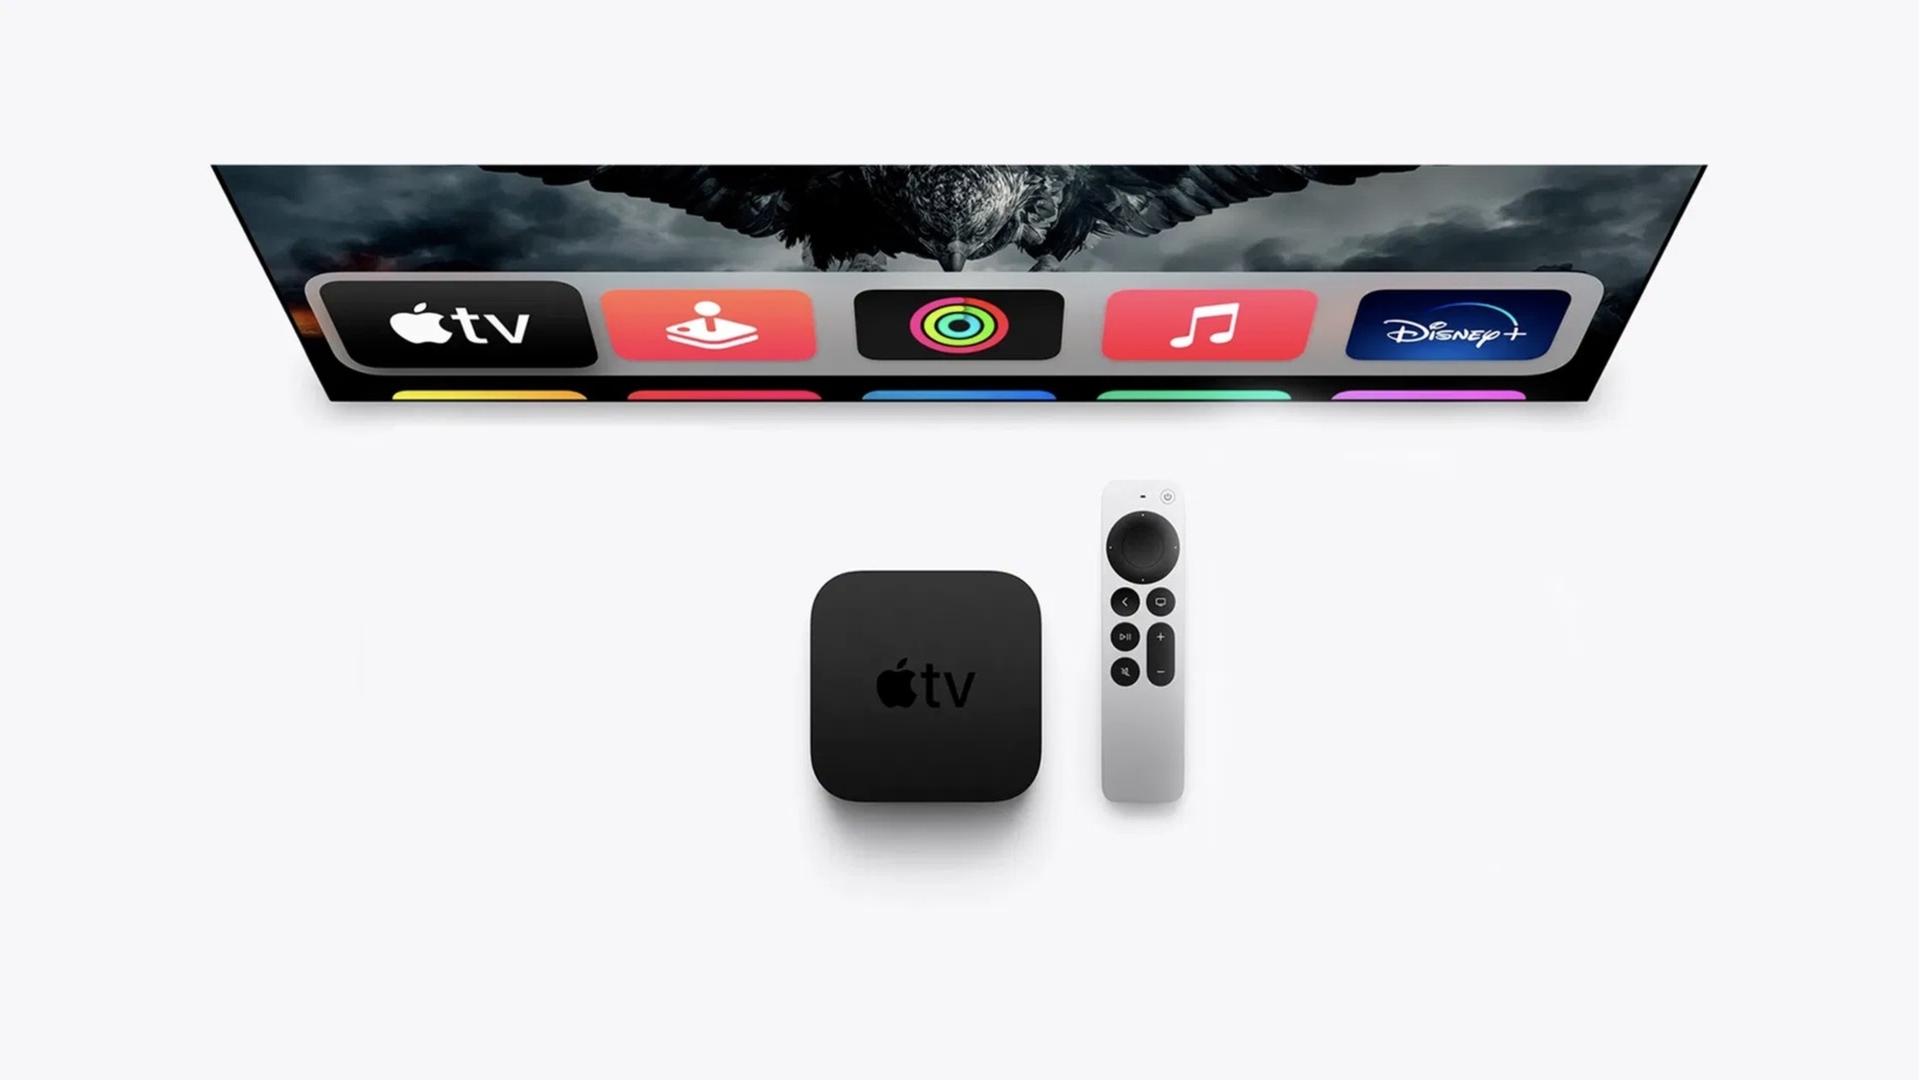 Firma Apple udostępniła oficjalnie najnowszy system tvOS 15